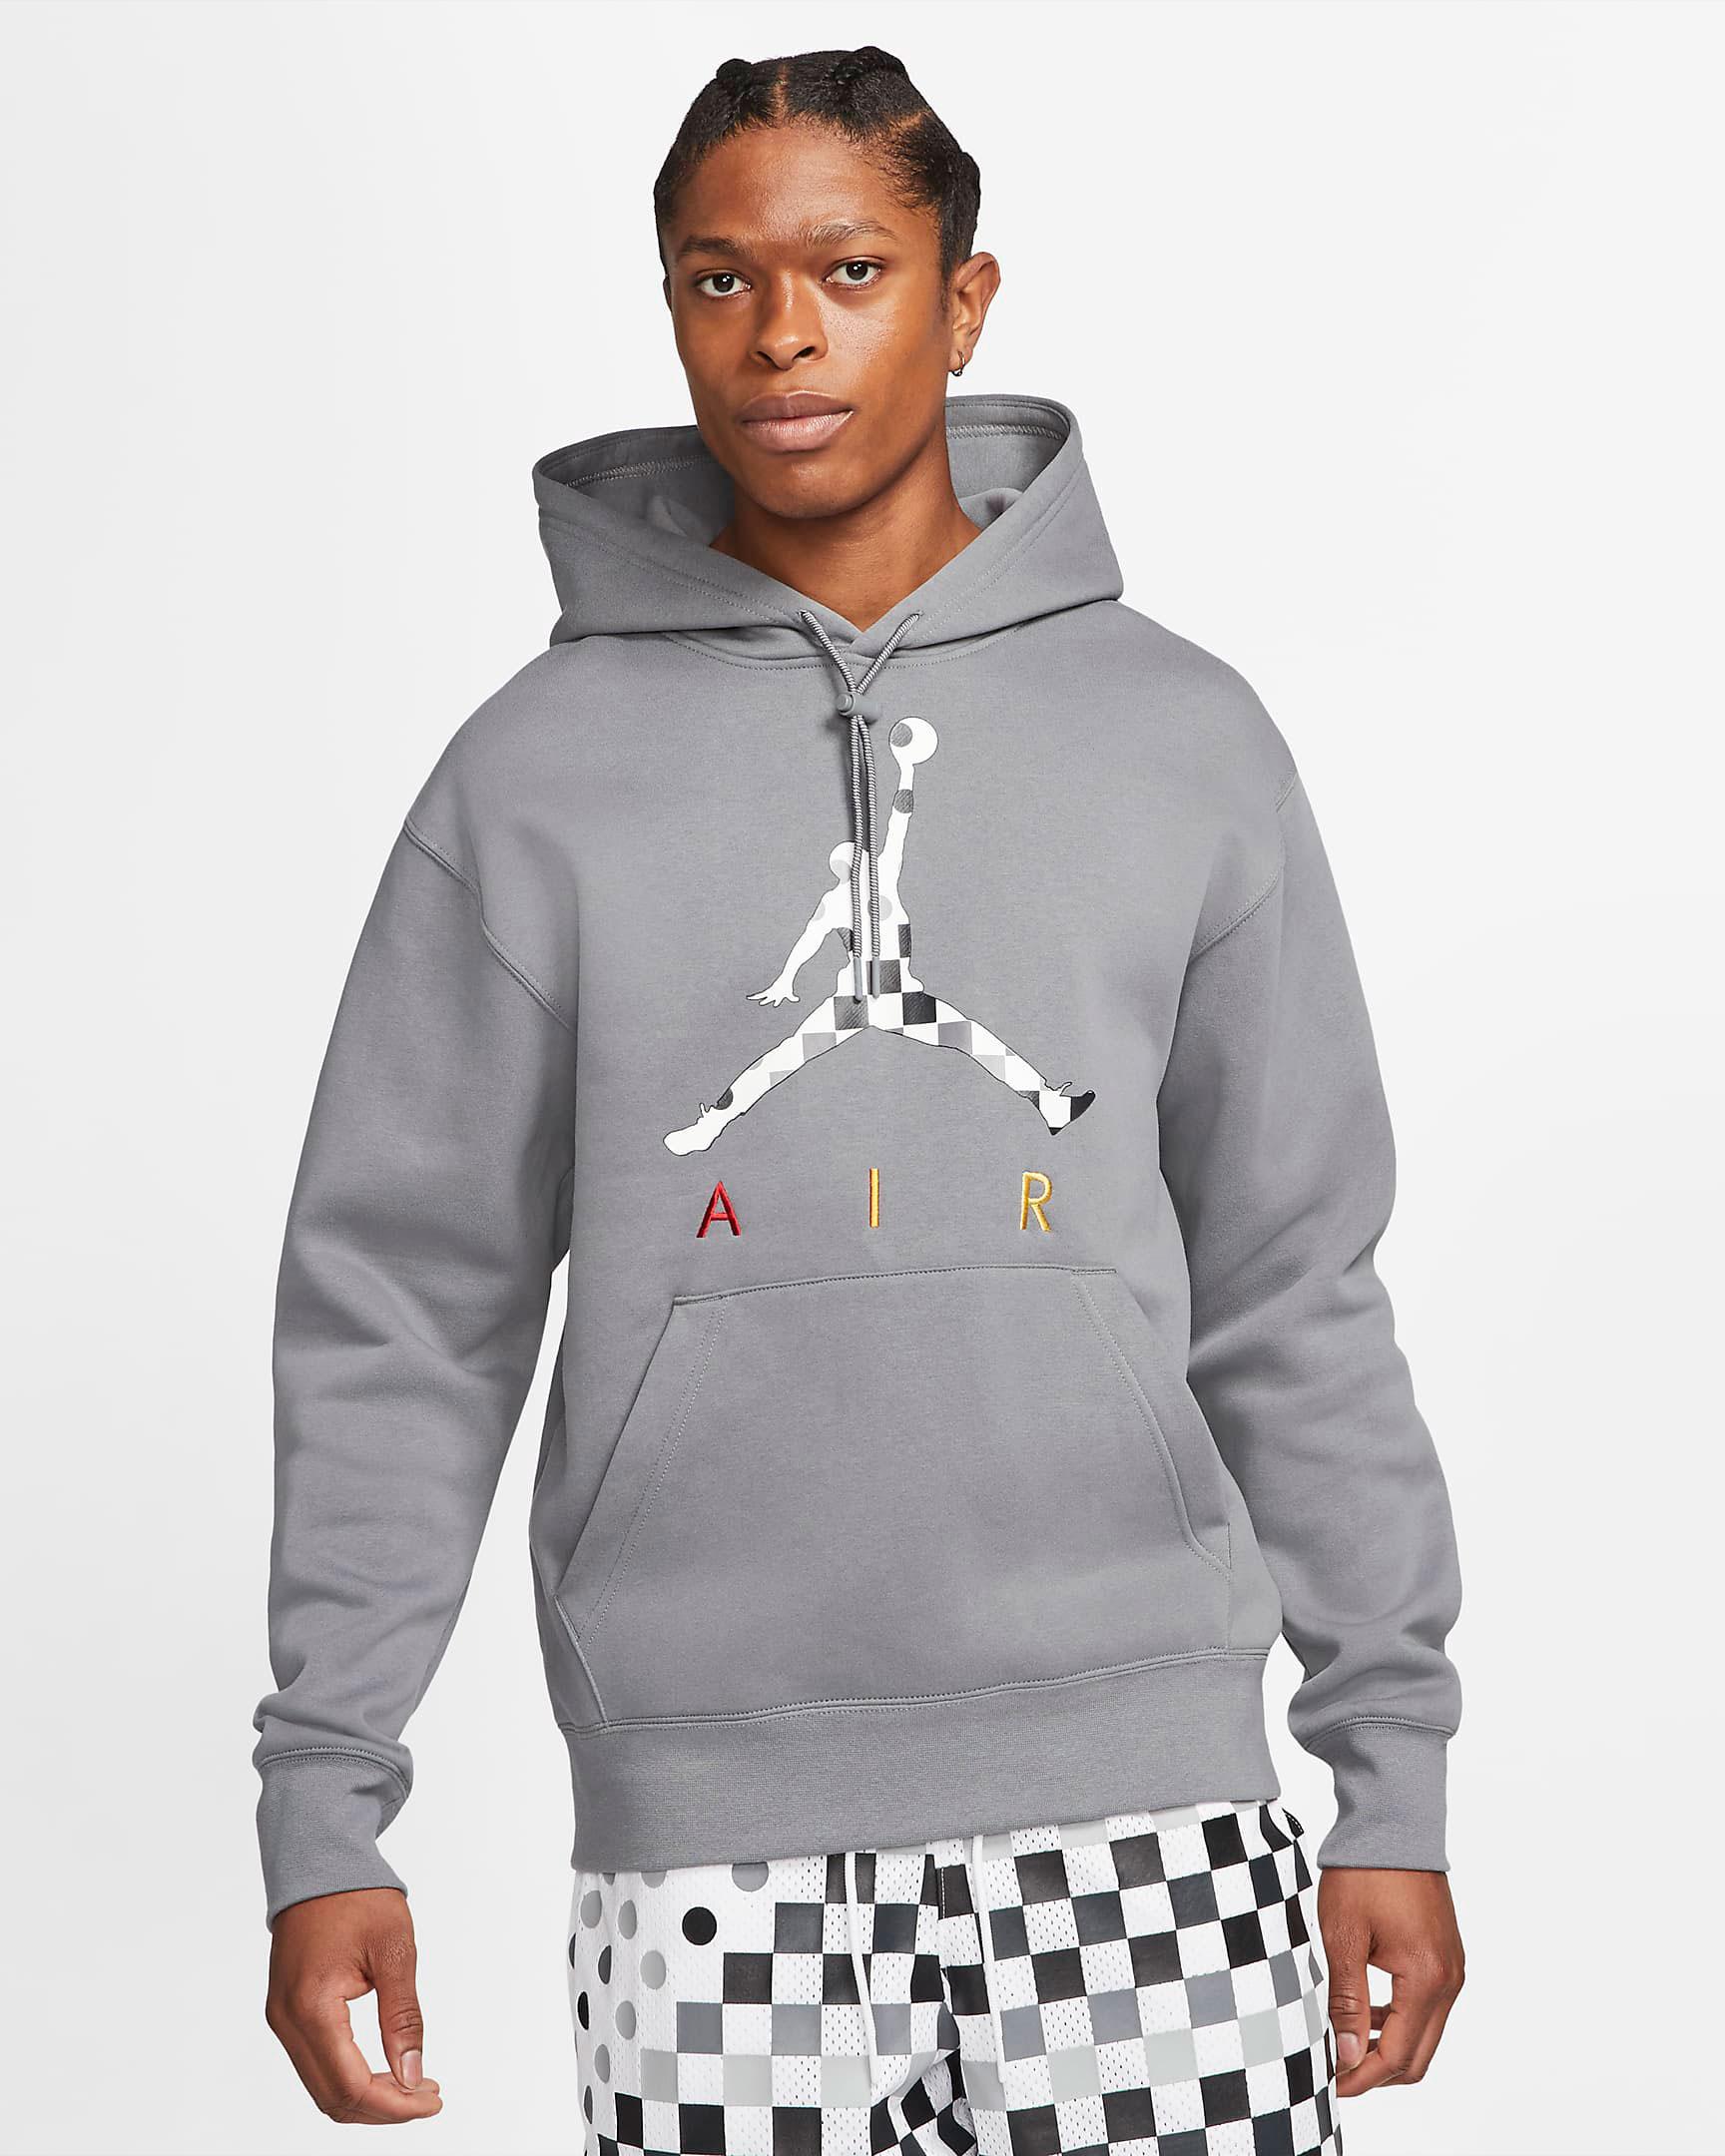 where-to-buy-air-jordan-3-cool-grey-2021-hoodie-1